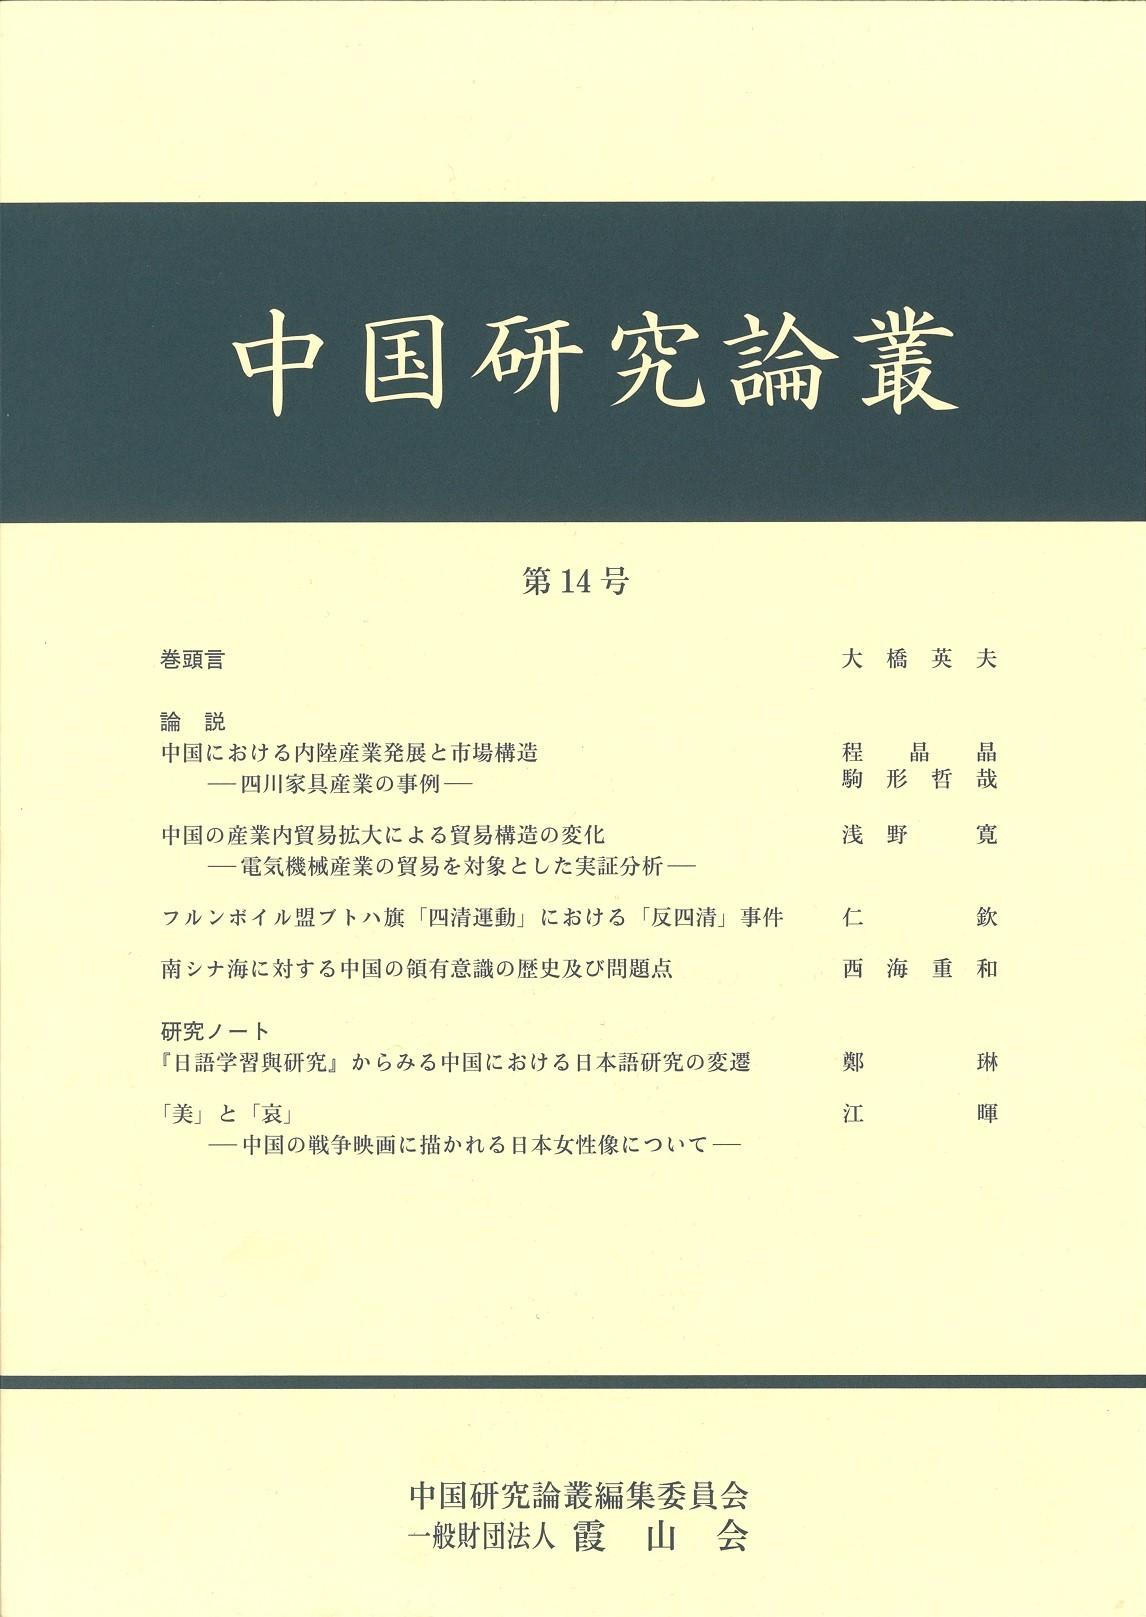 中国研究論叢 第十四号 784